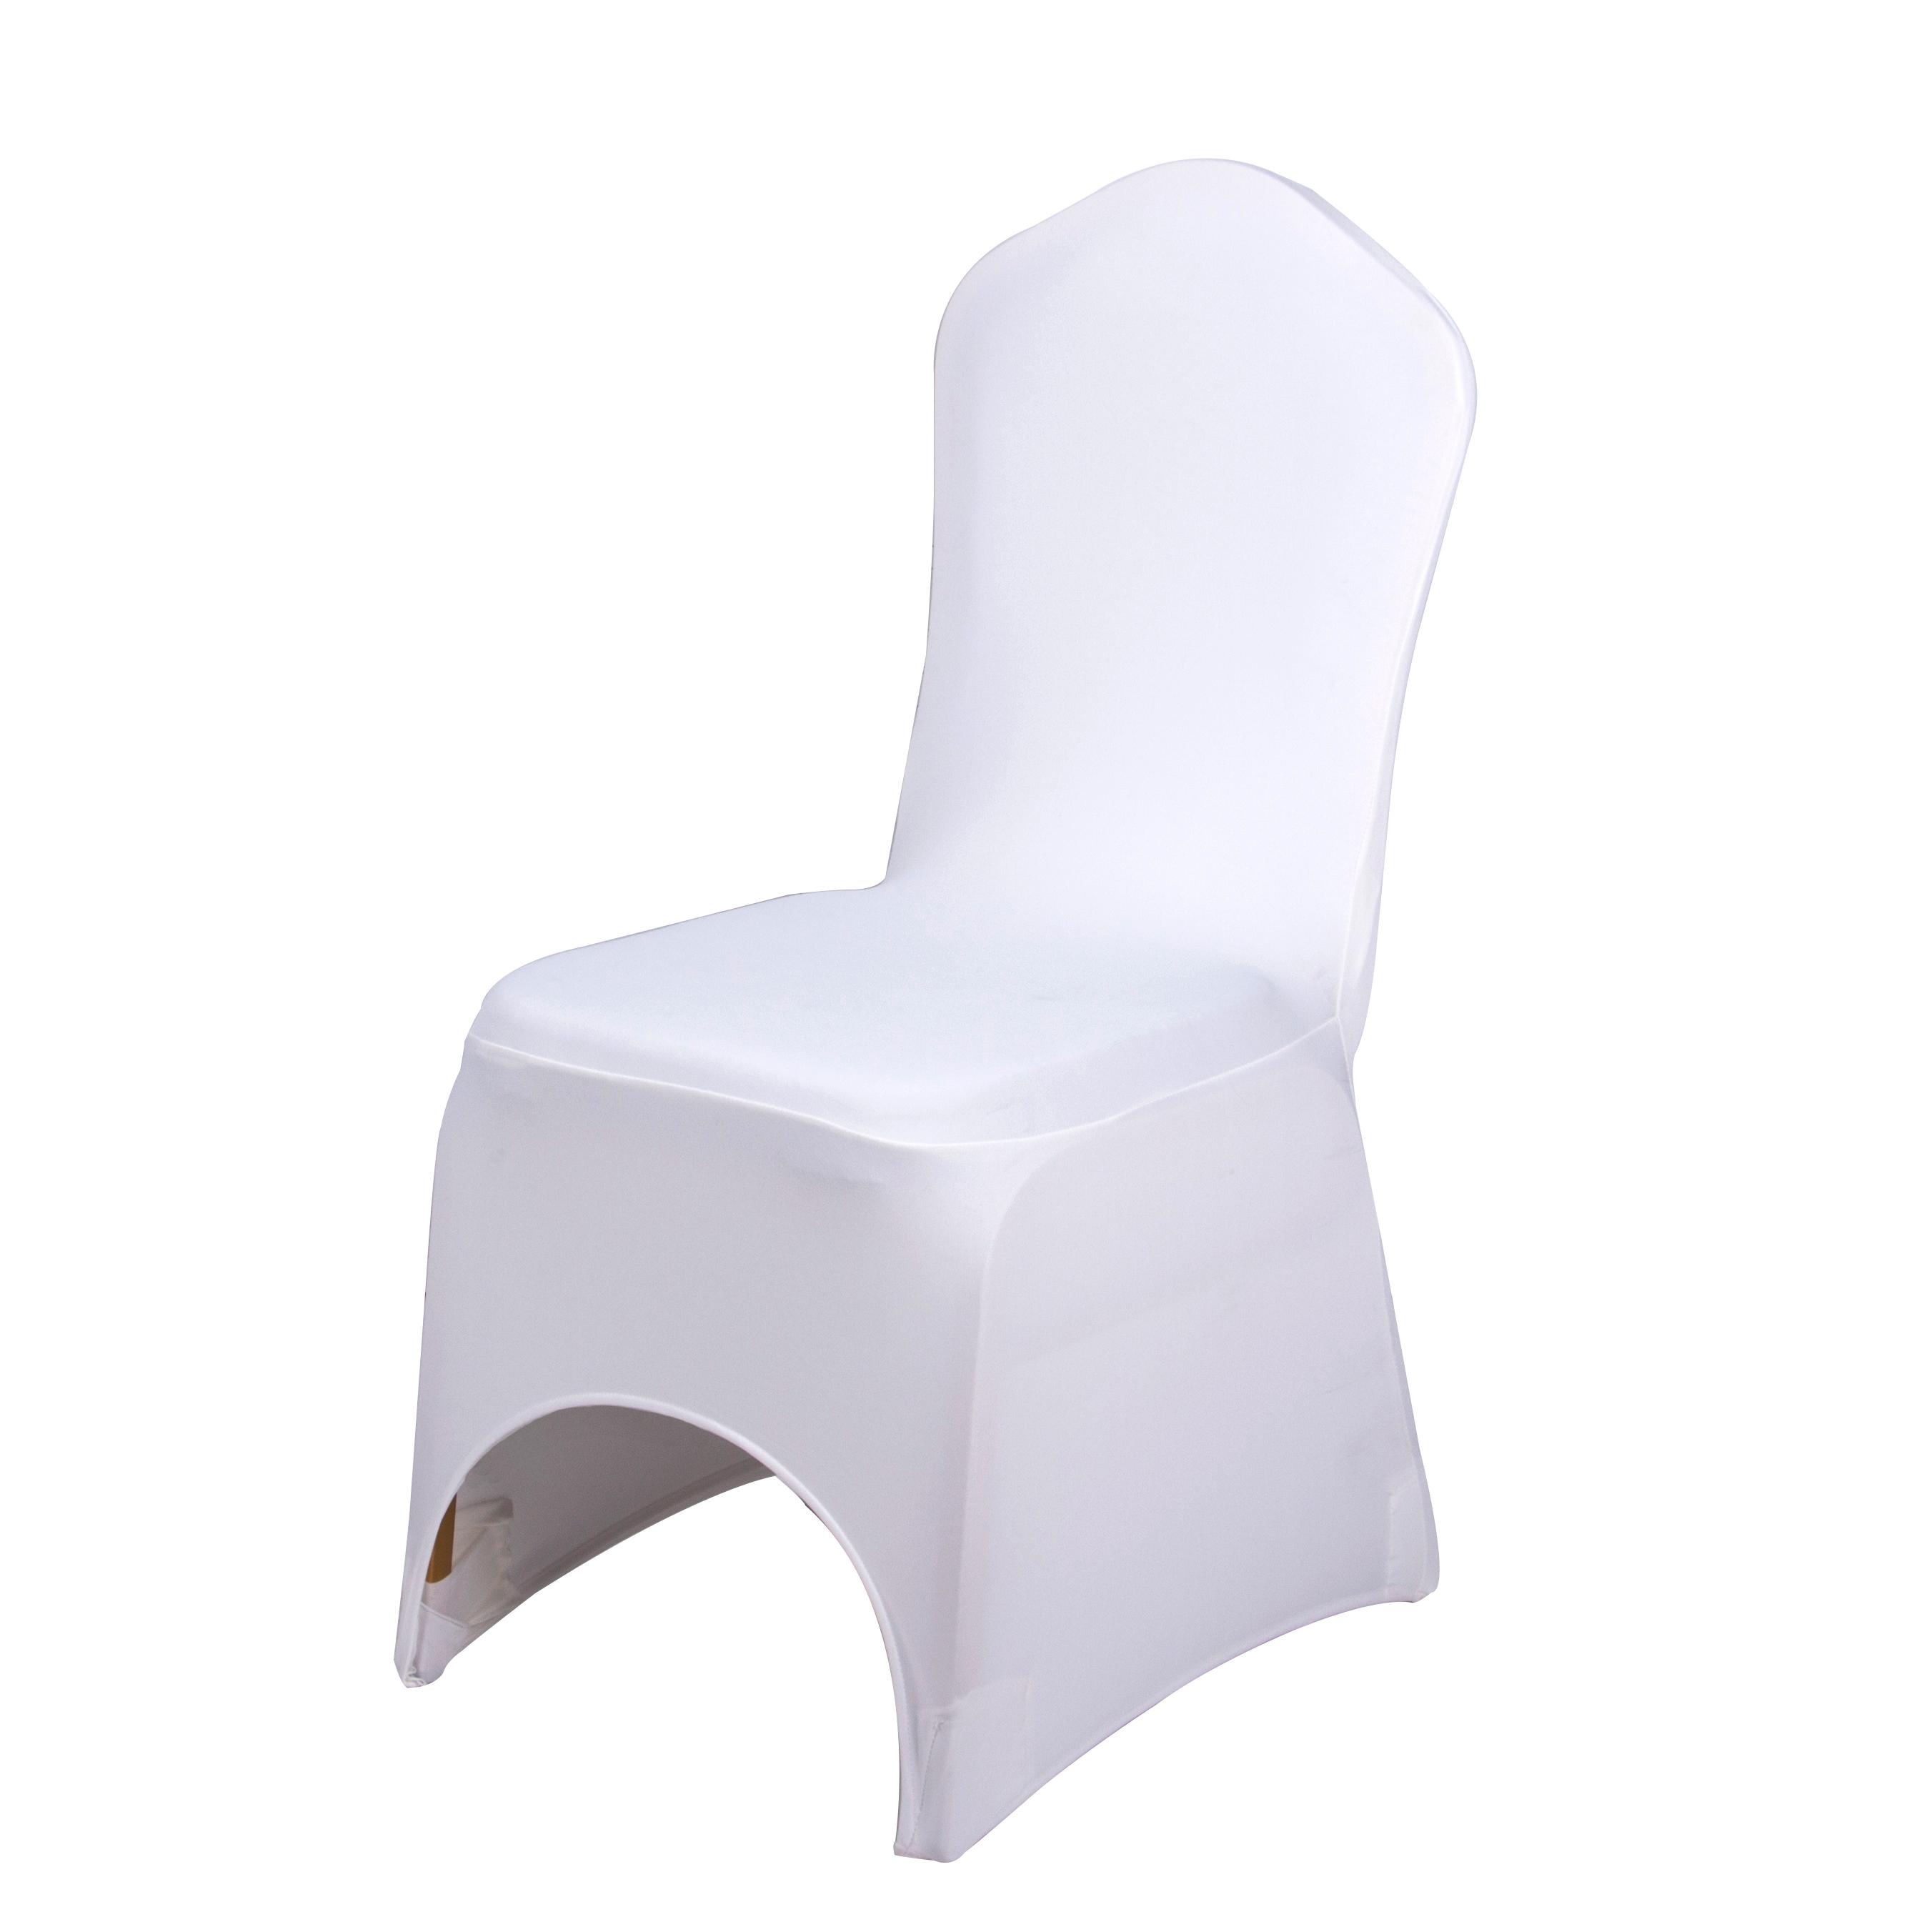 Tremendous Cheap Moon White Spandex Chair Covers For Sale Buy Chair Cover Spandex Cheap Chair Covers For Sale Moon Chair Covers Product On Alibaba Com Uwap Interior Chair Design Uwaporg